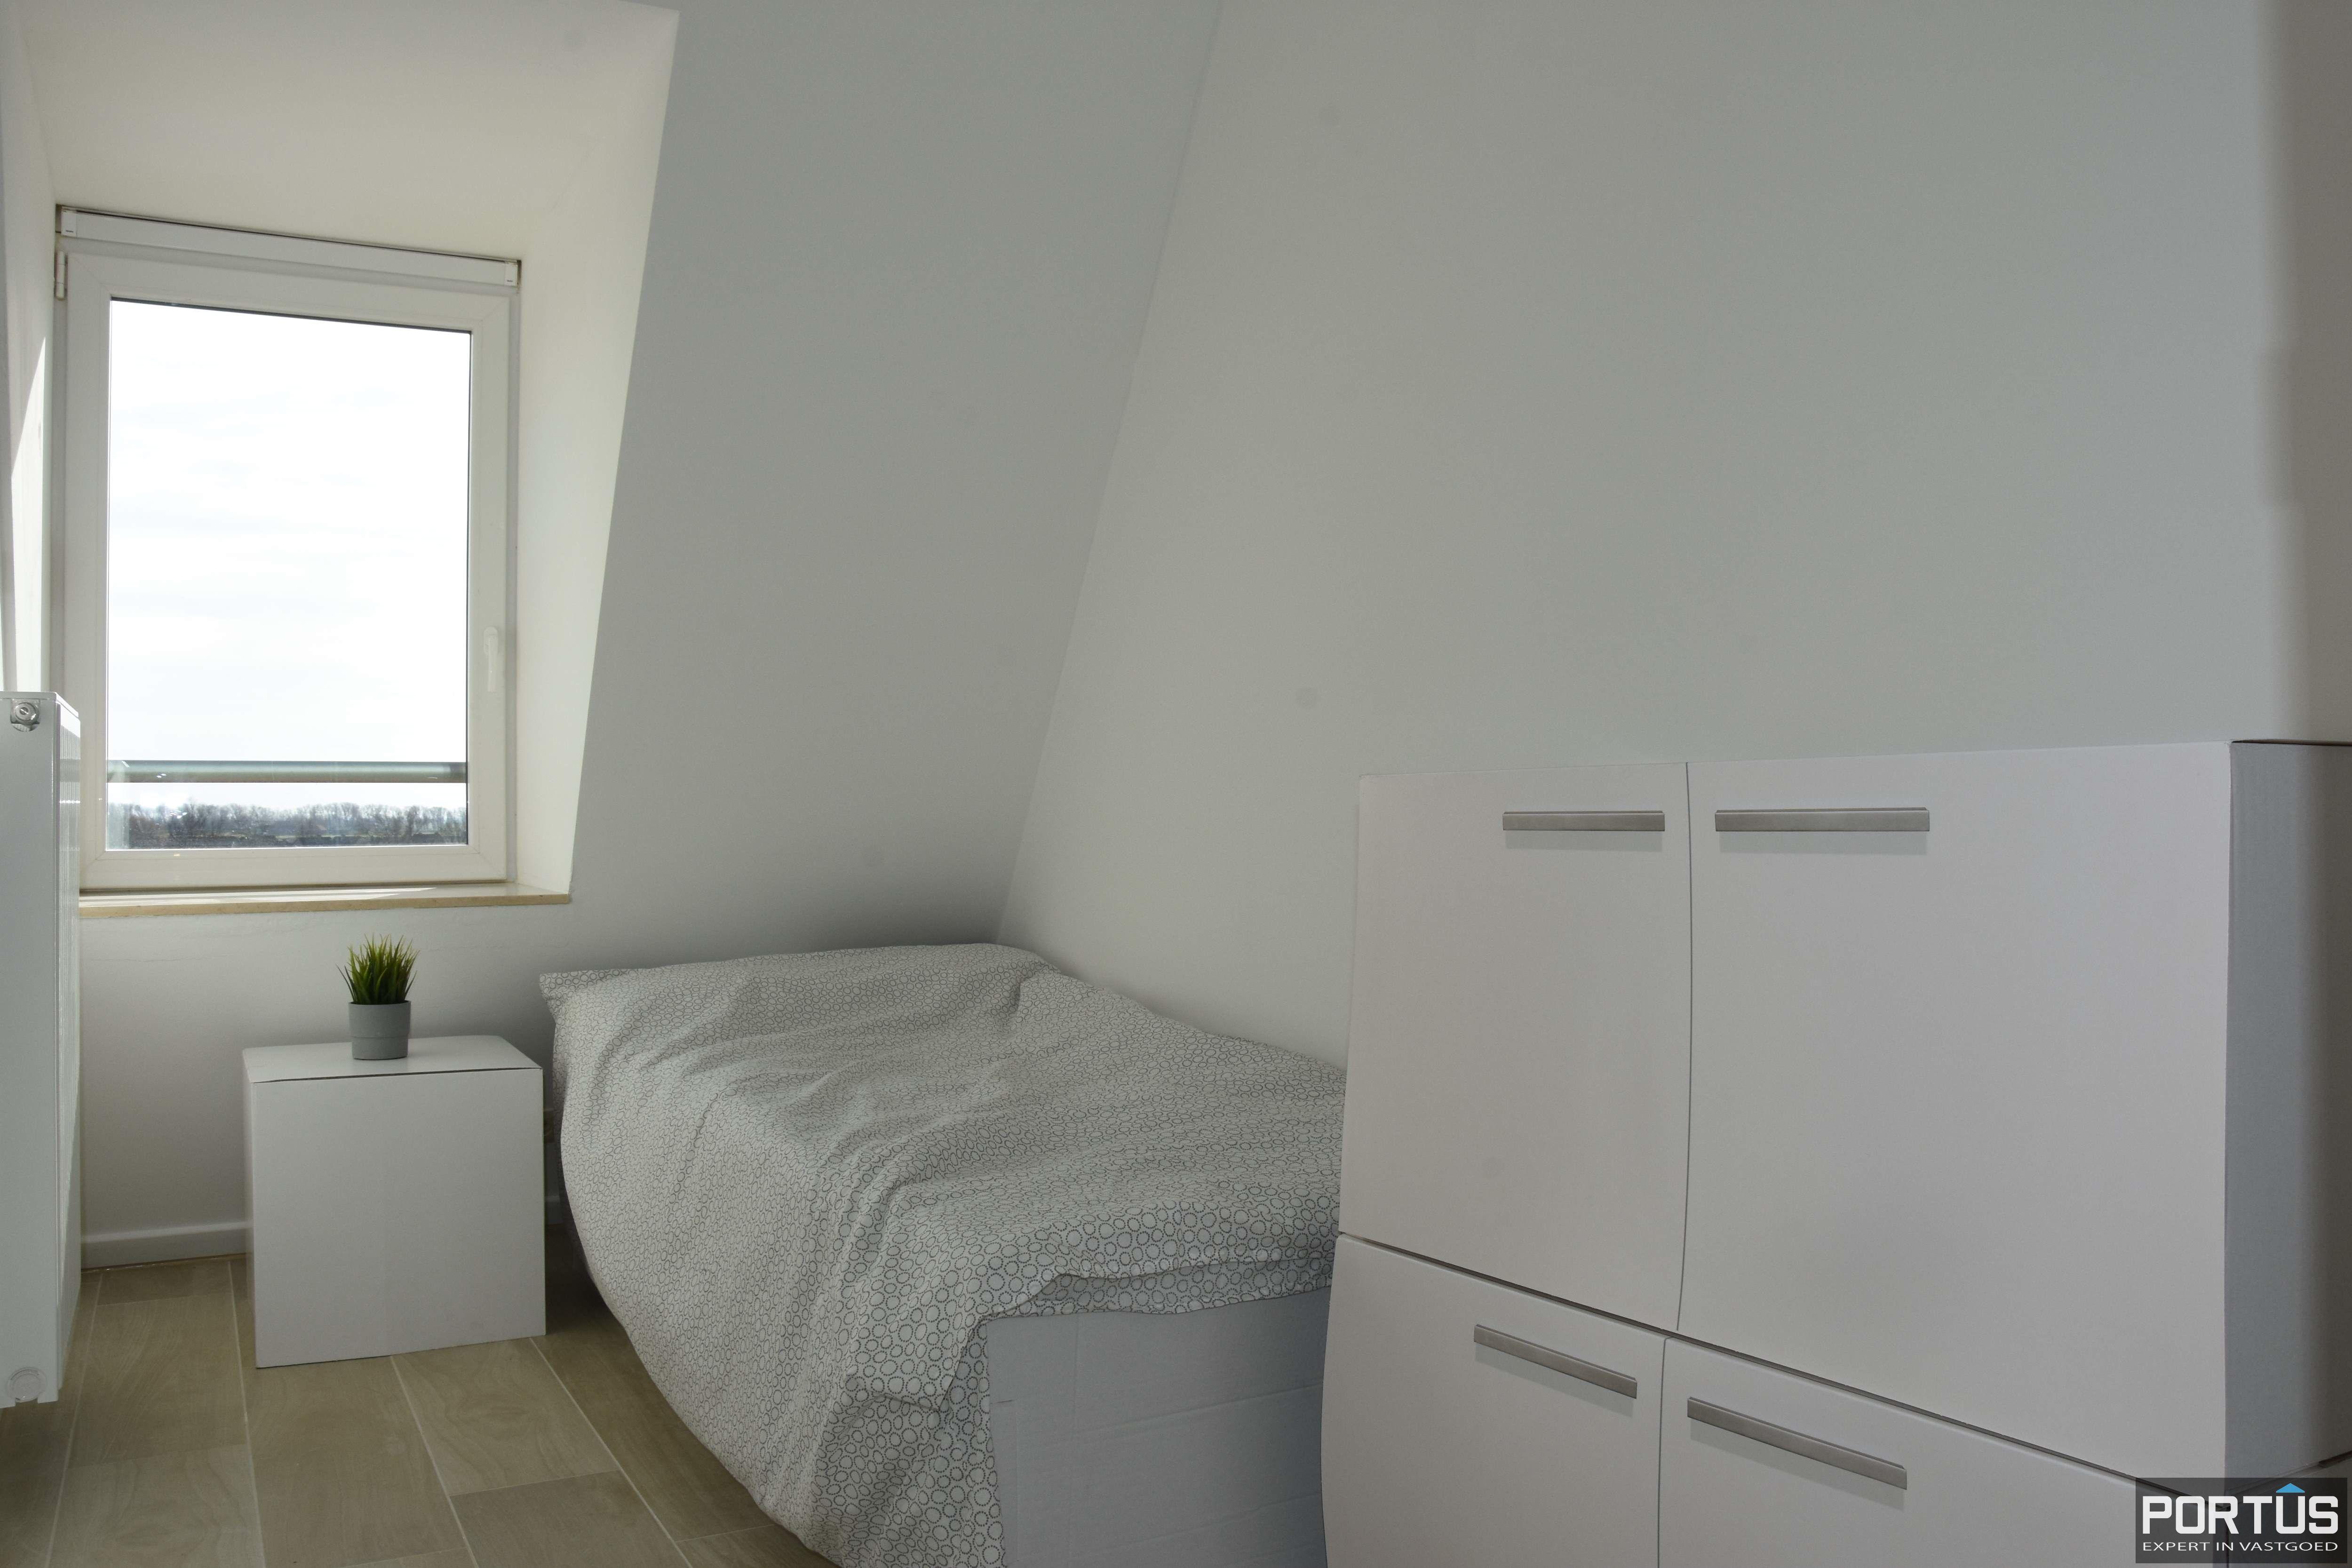 Appartement met 2 slaapkamers te koop te Nieuwpoort - 12301